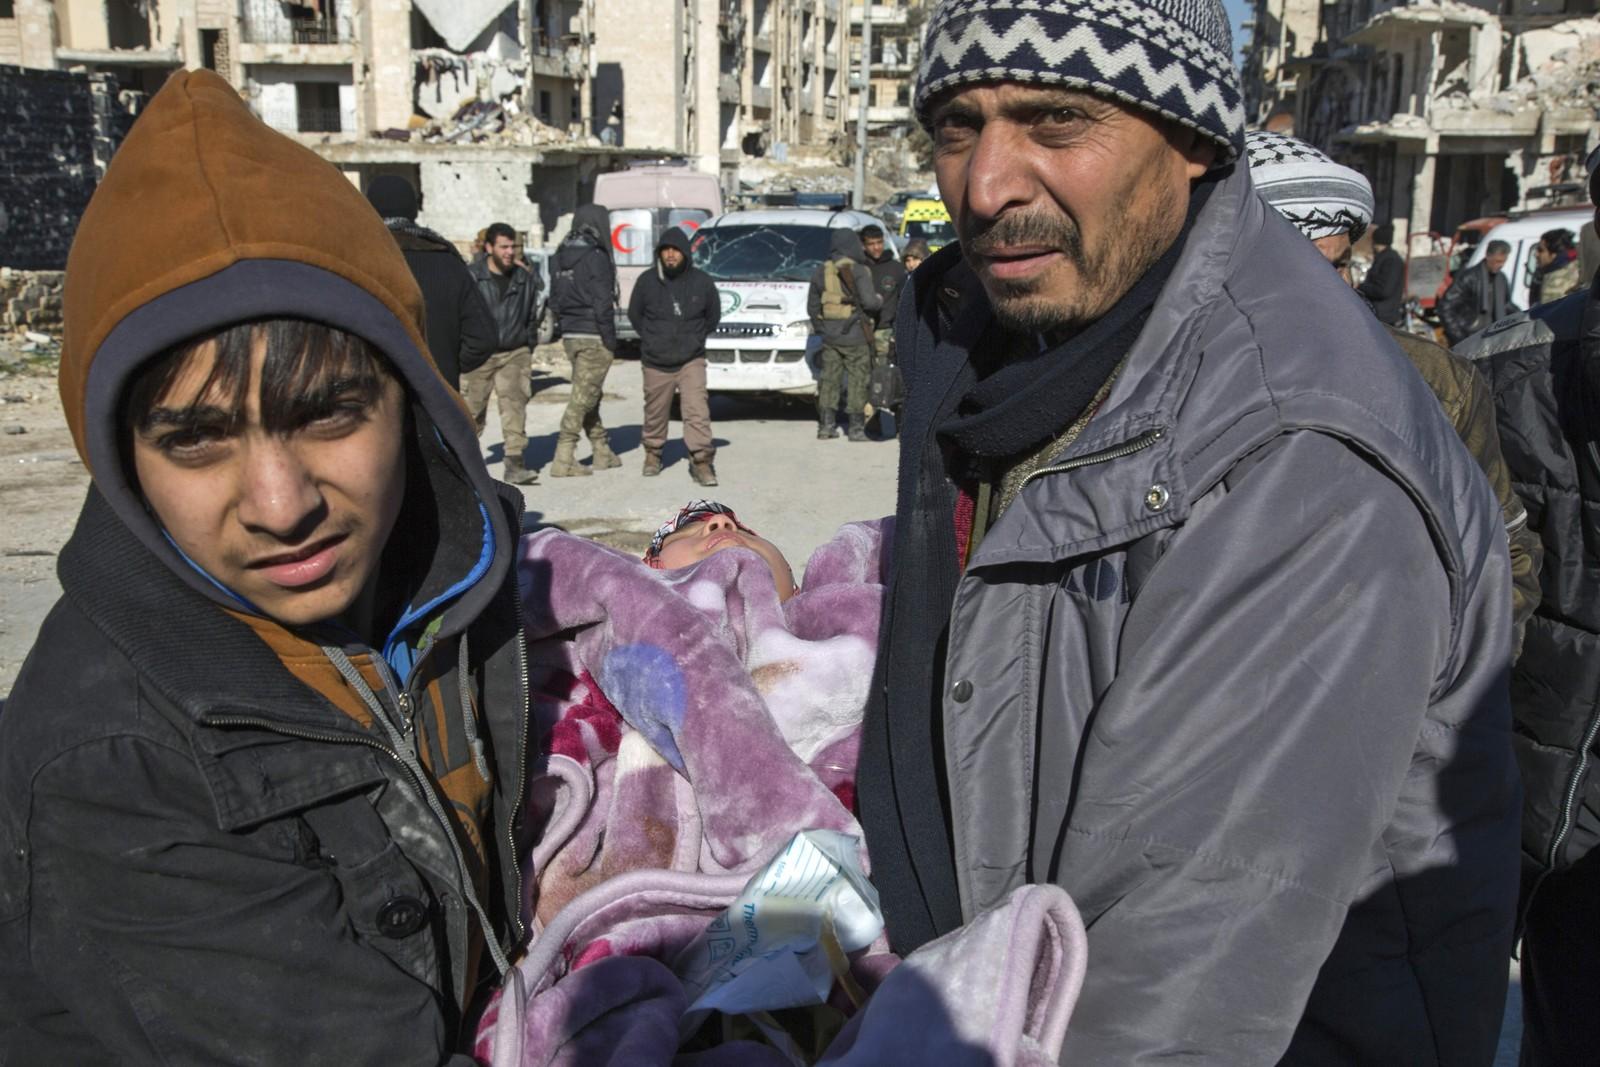 Et syrisk barn bæres ut under evakueringen i Aleppo.